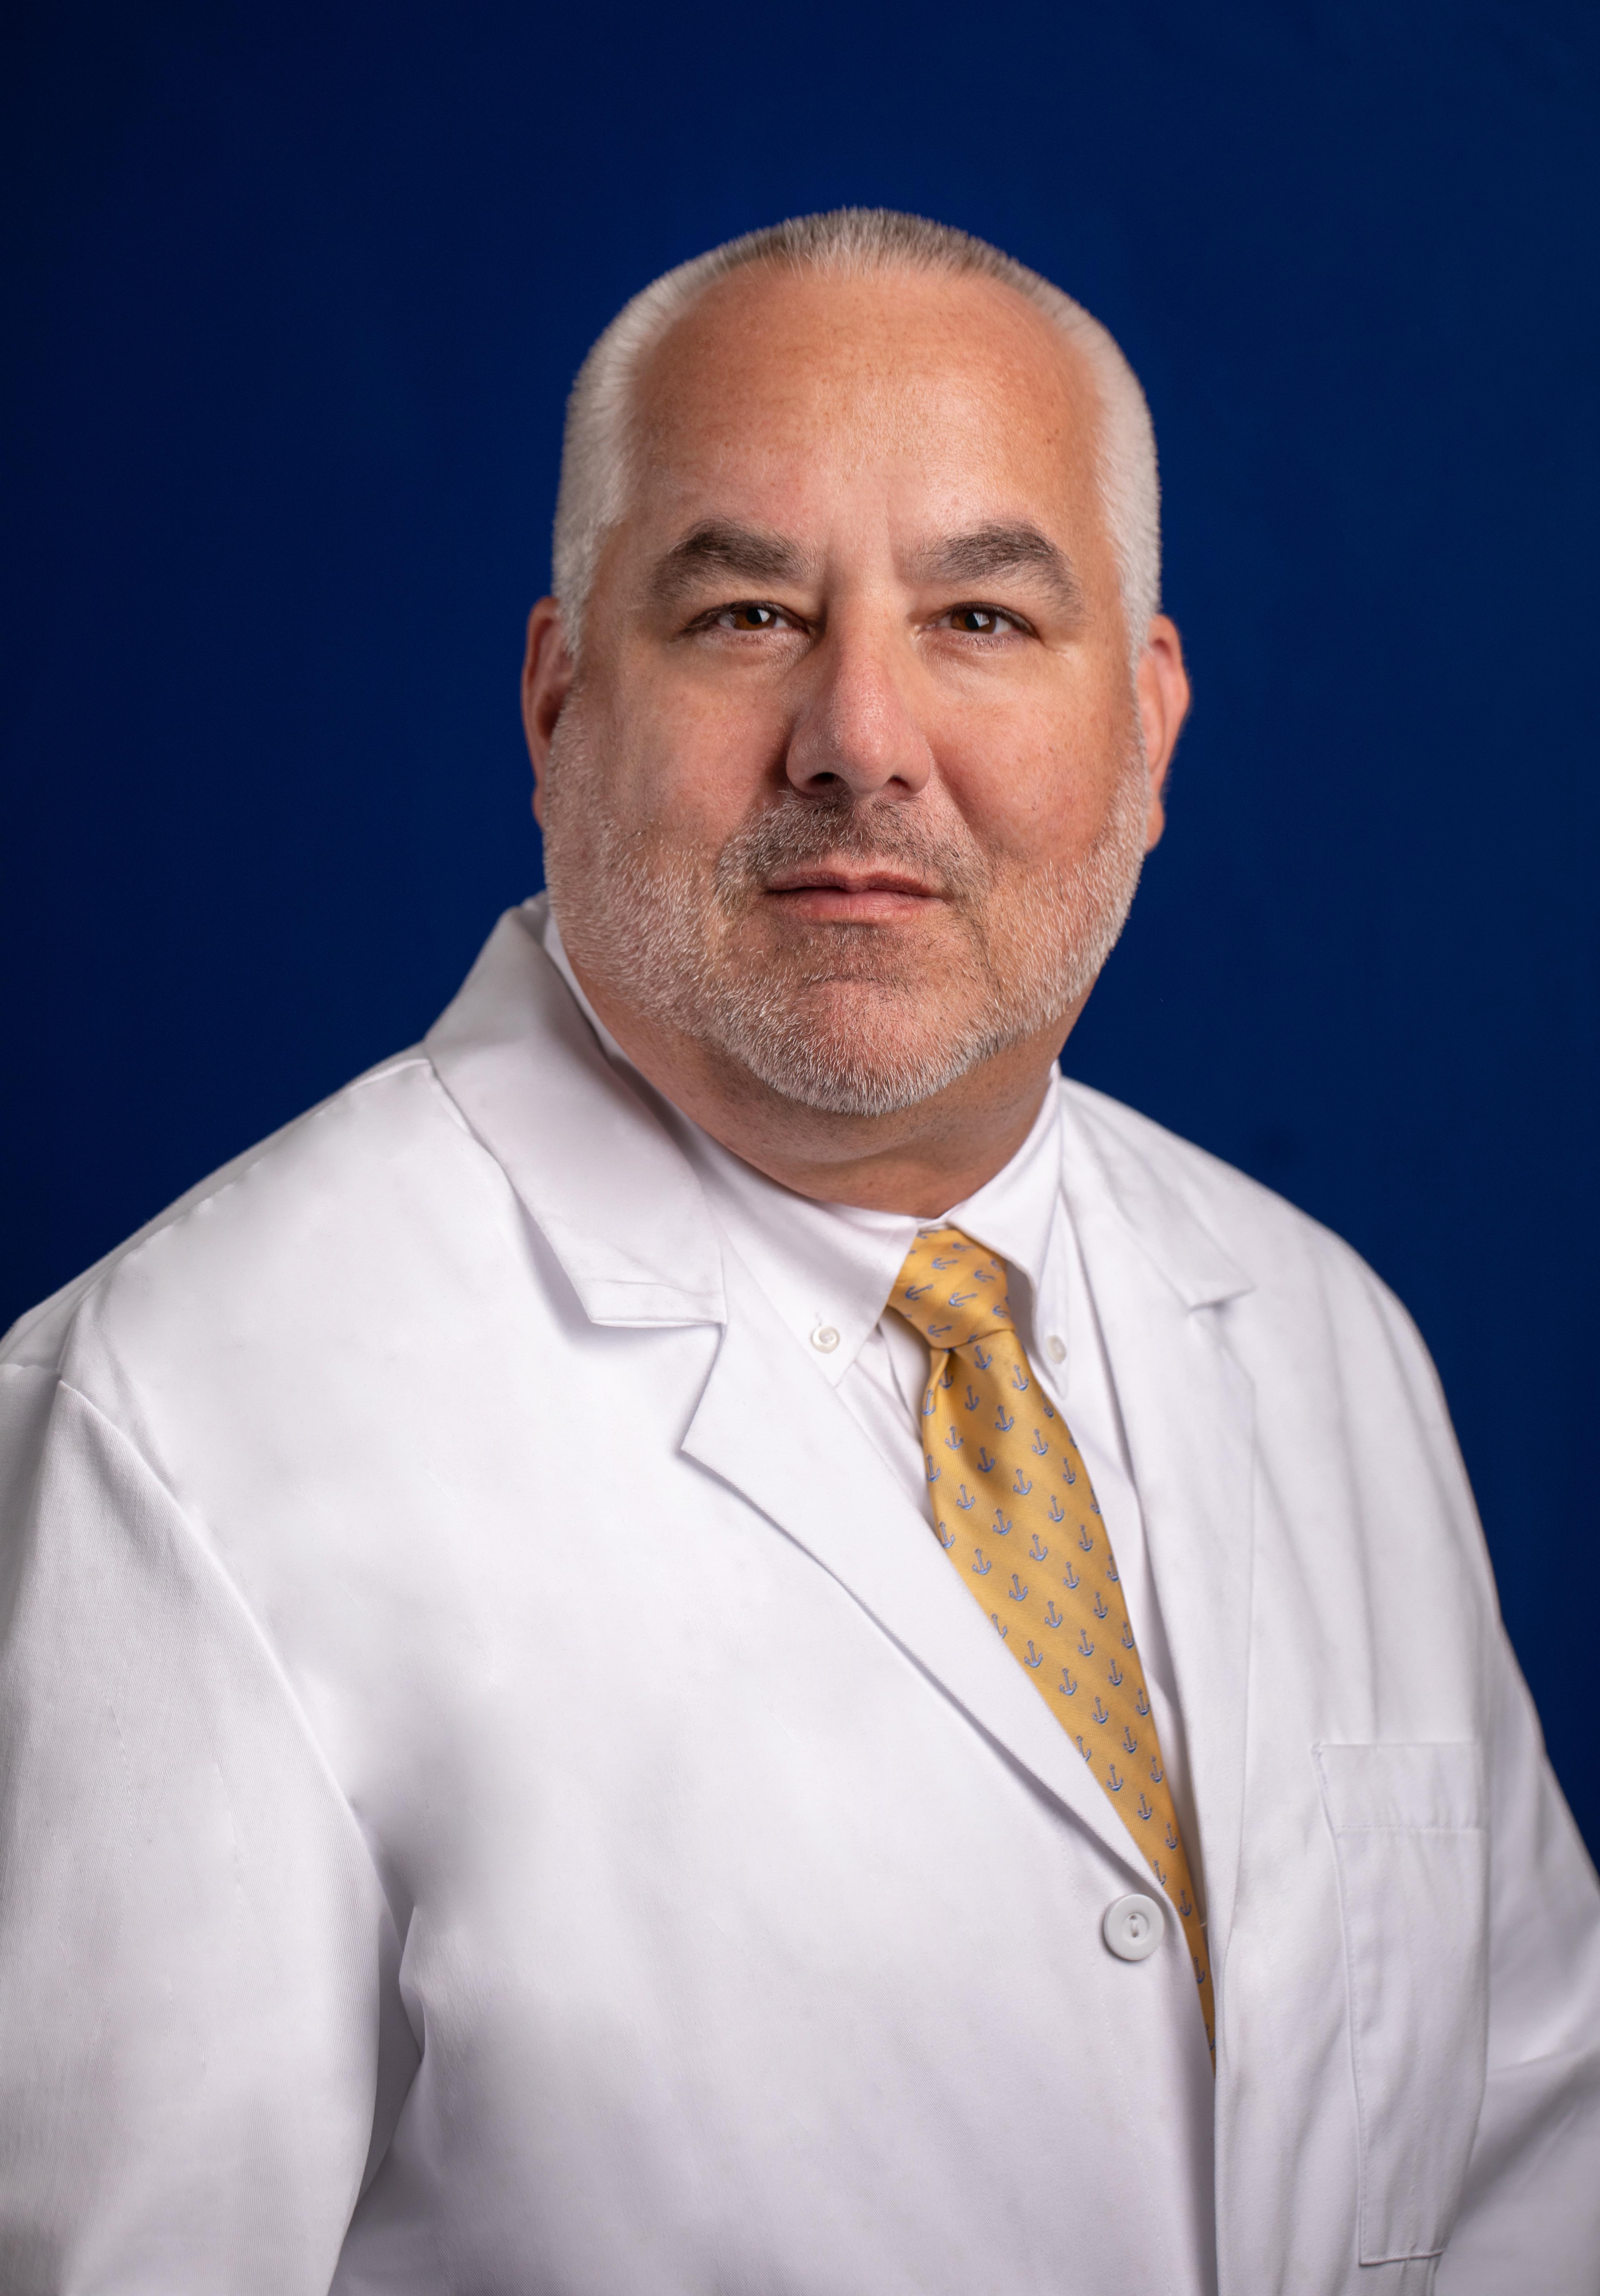 Dr Eric Deppert